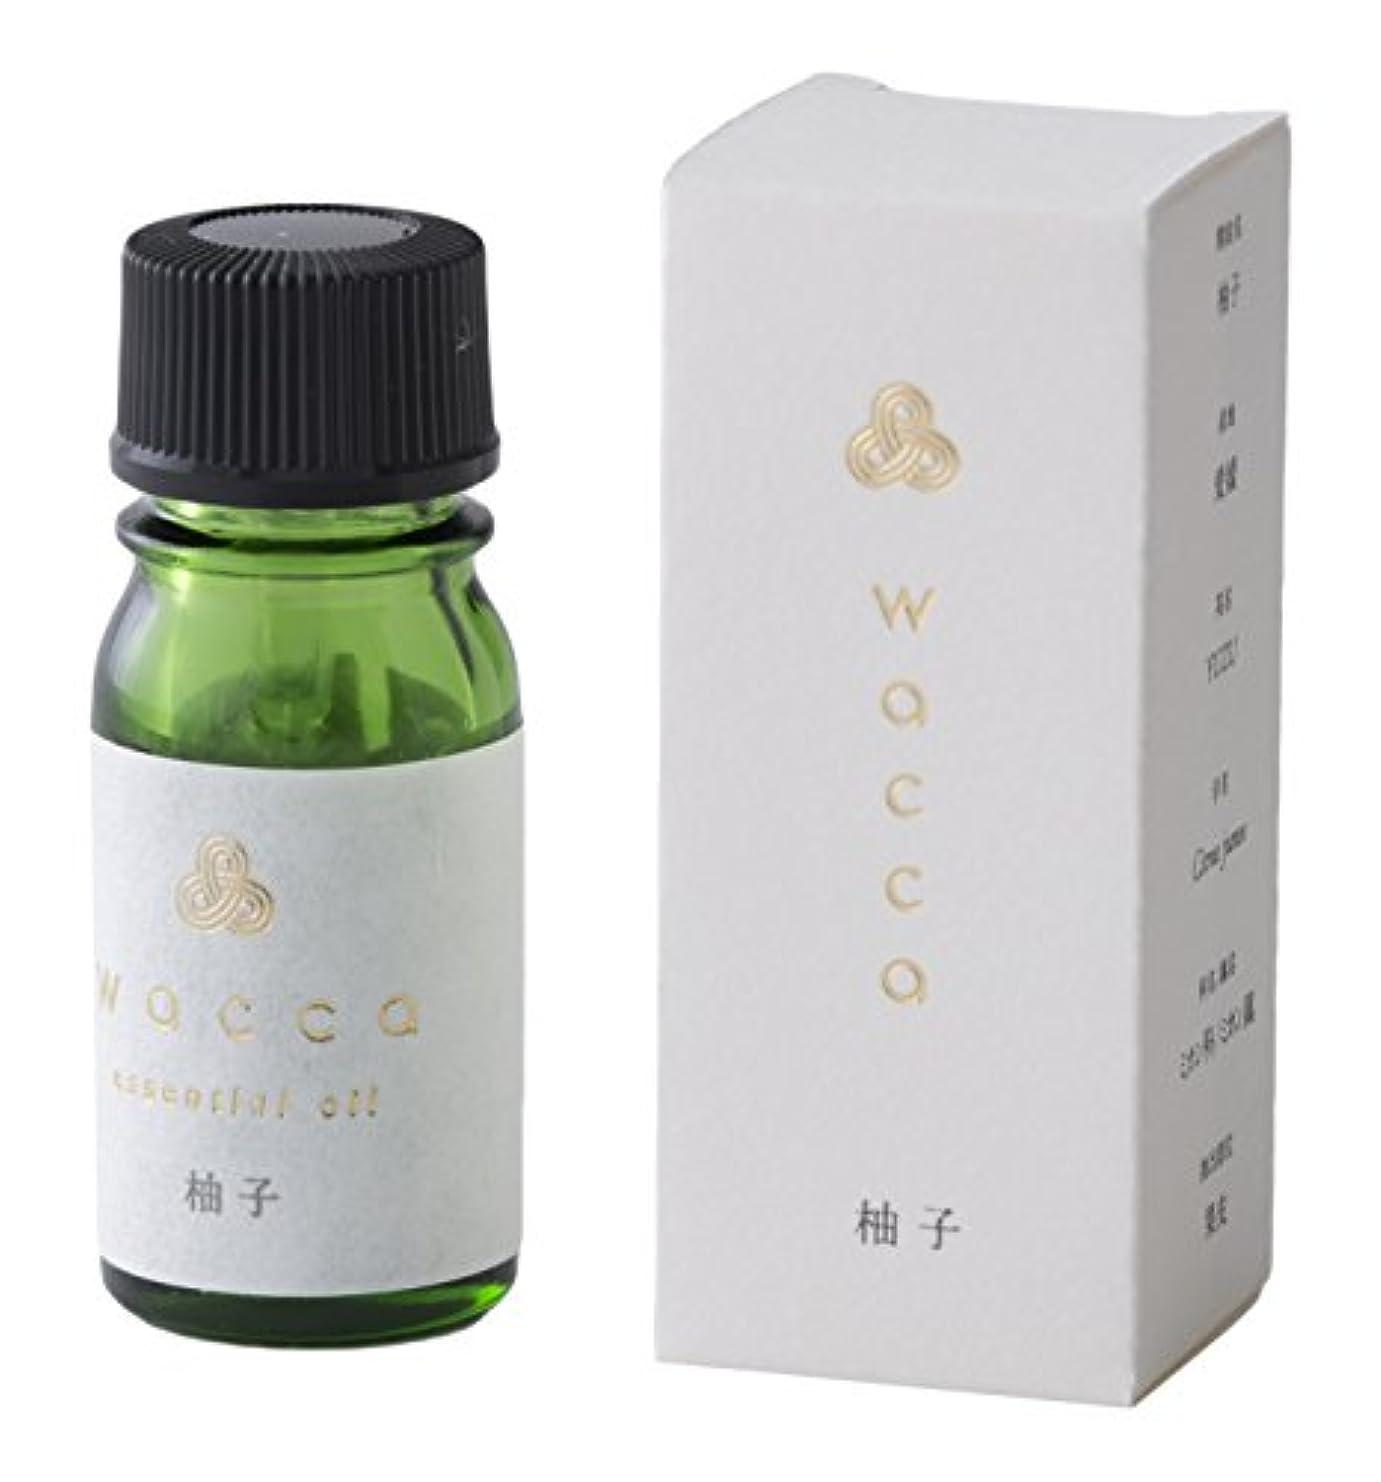 アリスケーブルケージwacca ワッカ エッセンシャルオイル 5ml 柚子 ユズ yuzu essential oil 和精油 KUSU HANDMADE